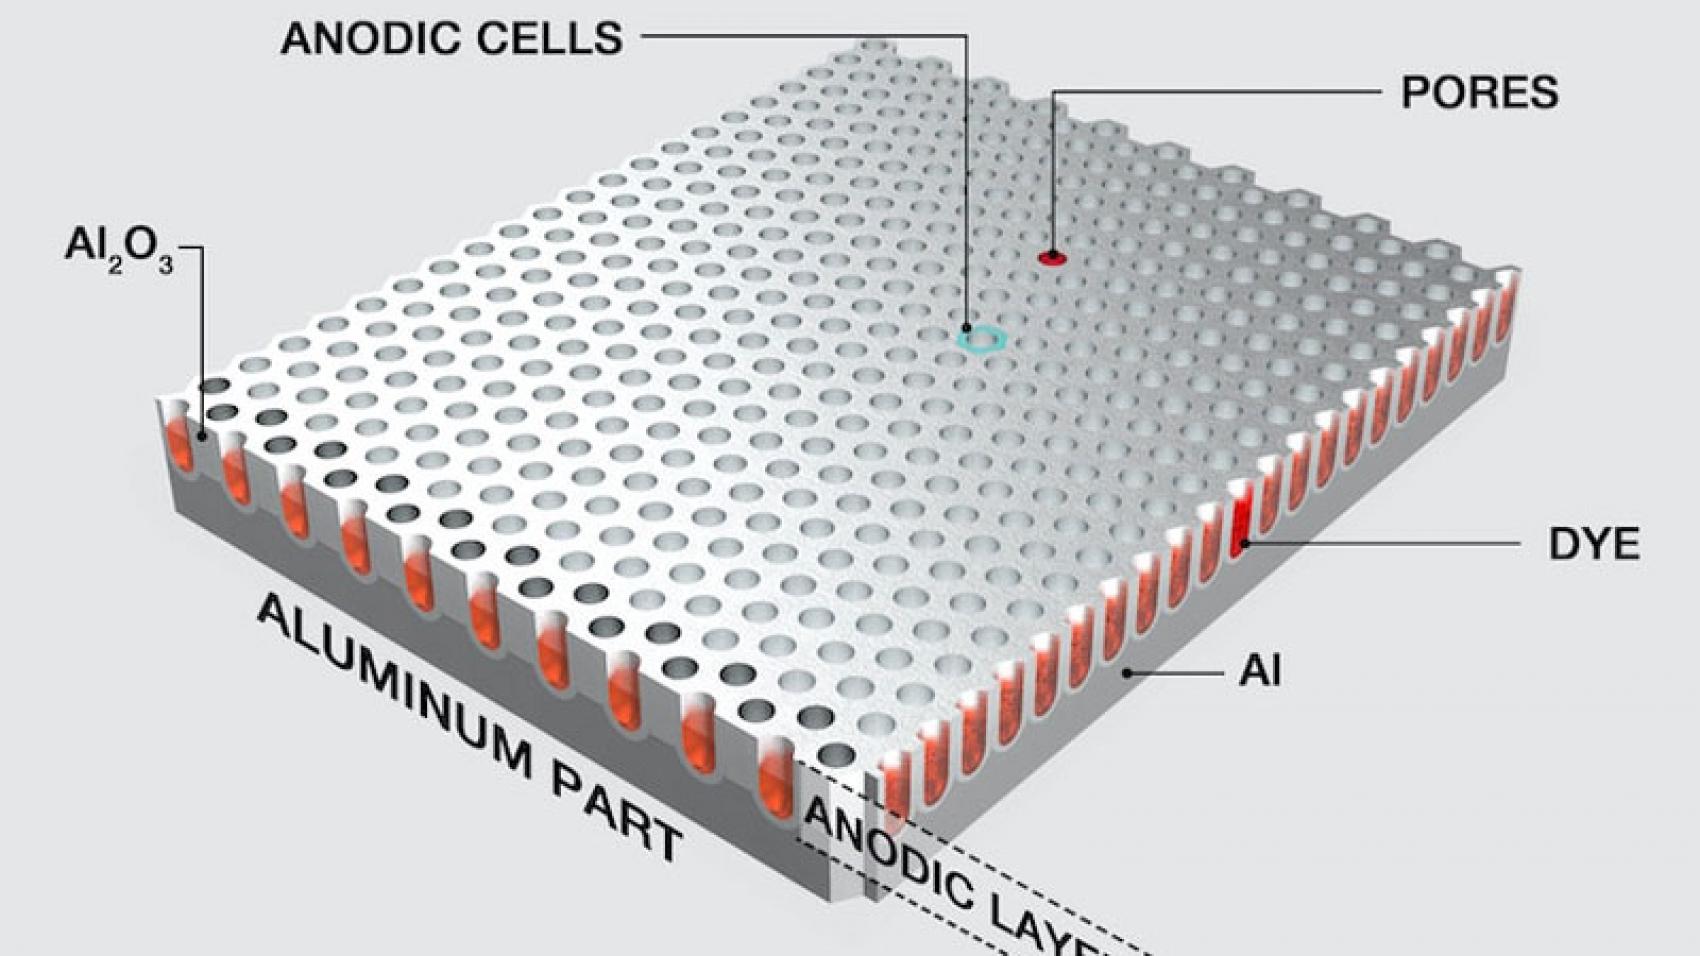 چگونه فلز آلومینیوم هارد آنادایز می شود؟